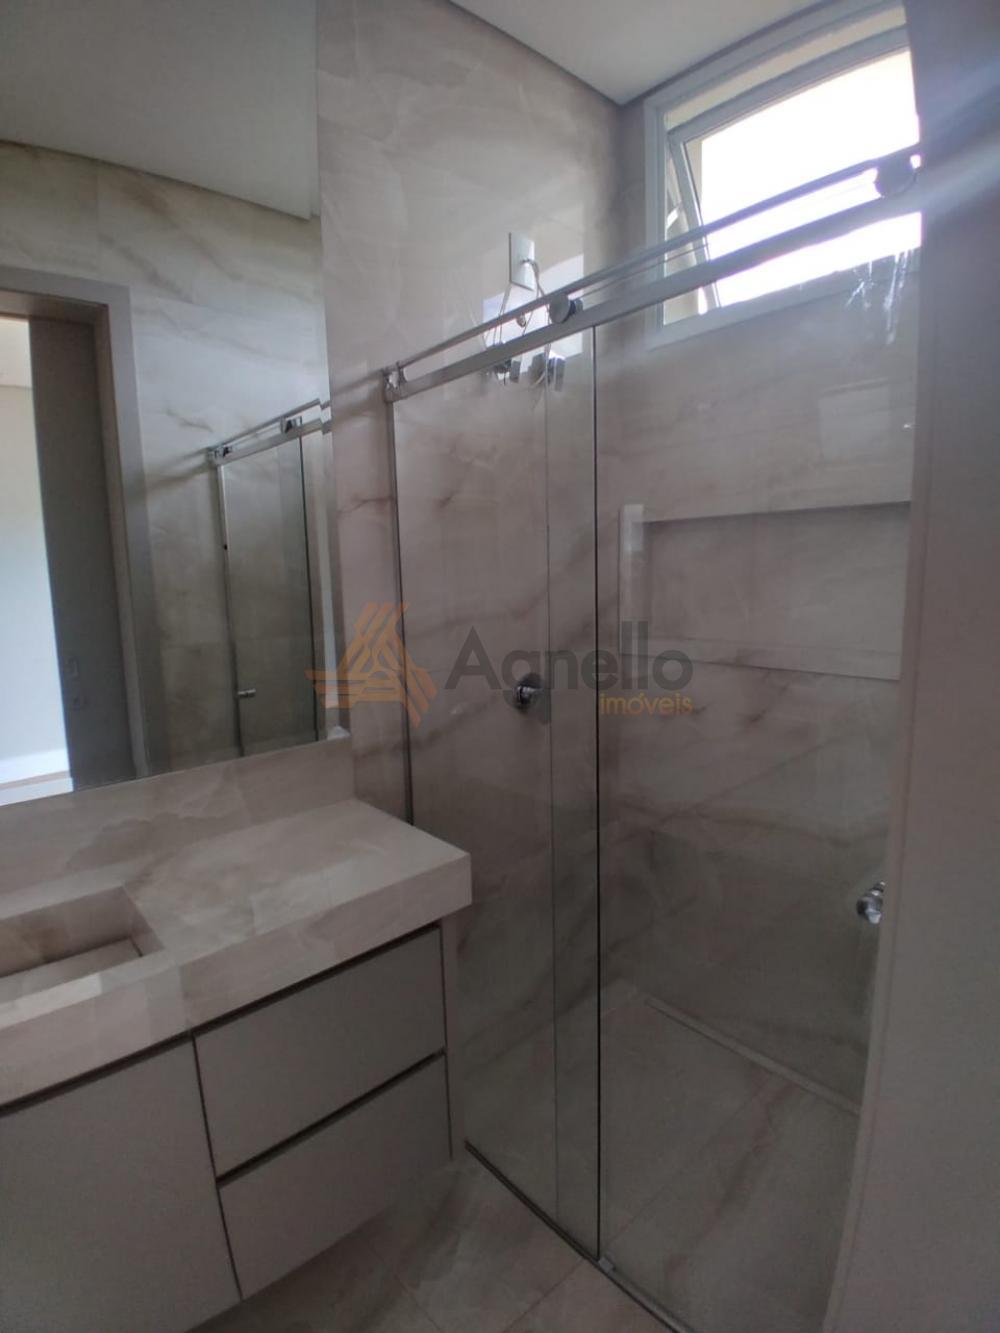 Comprar Casa / Condomínio em Franca apenas R$ 1.850.000,00 - Foto 21